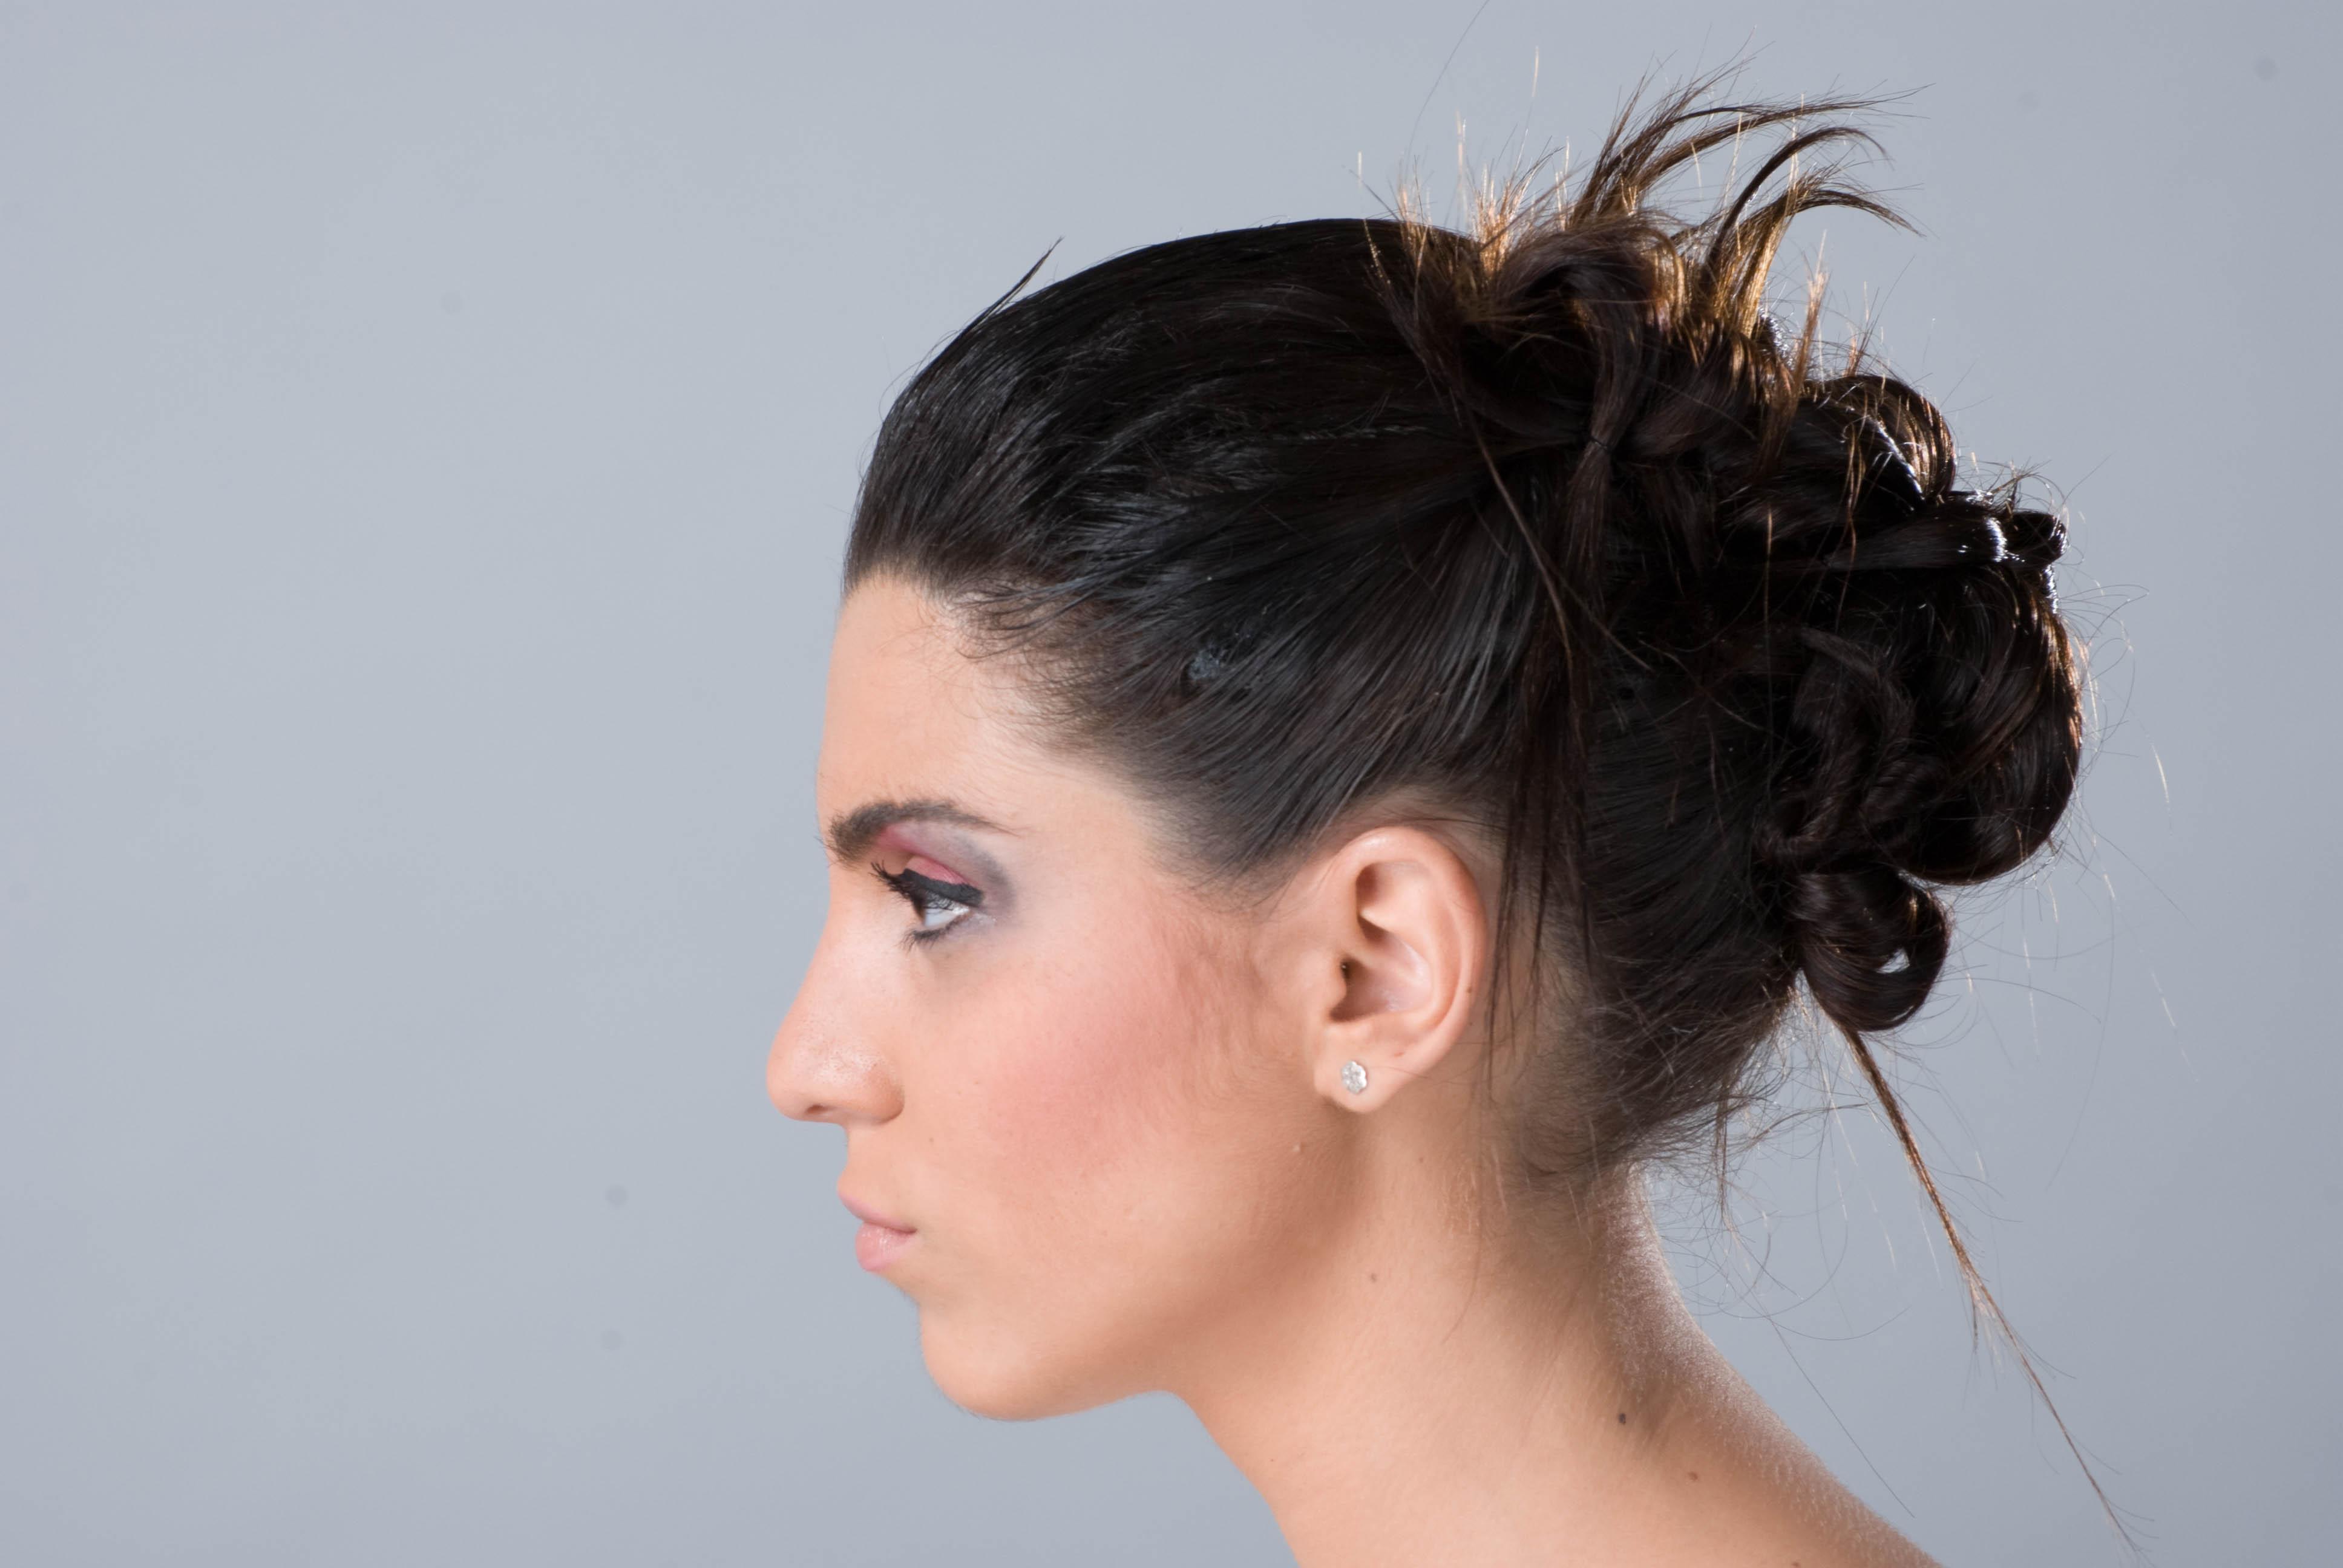 Imagenes de peinados recojidos ideas consejos ideas - Consejos de peinados ...